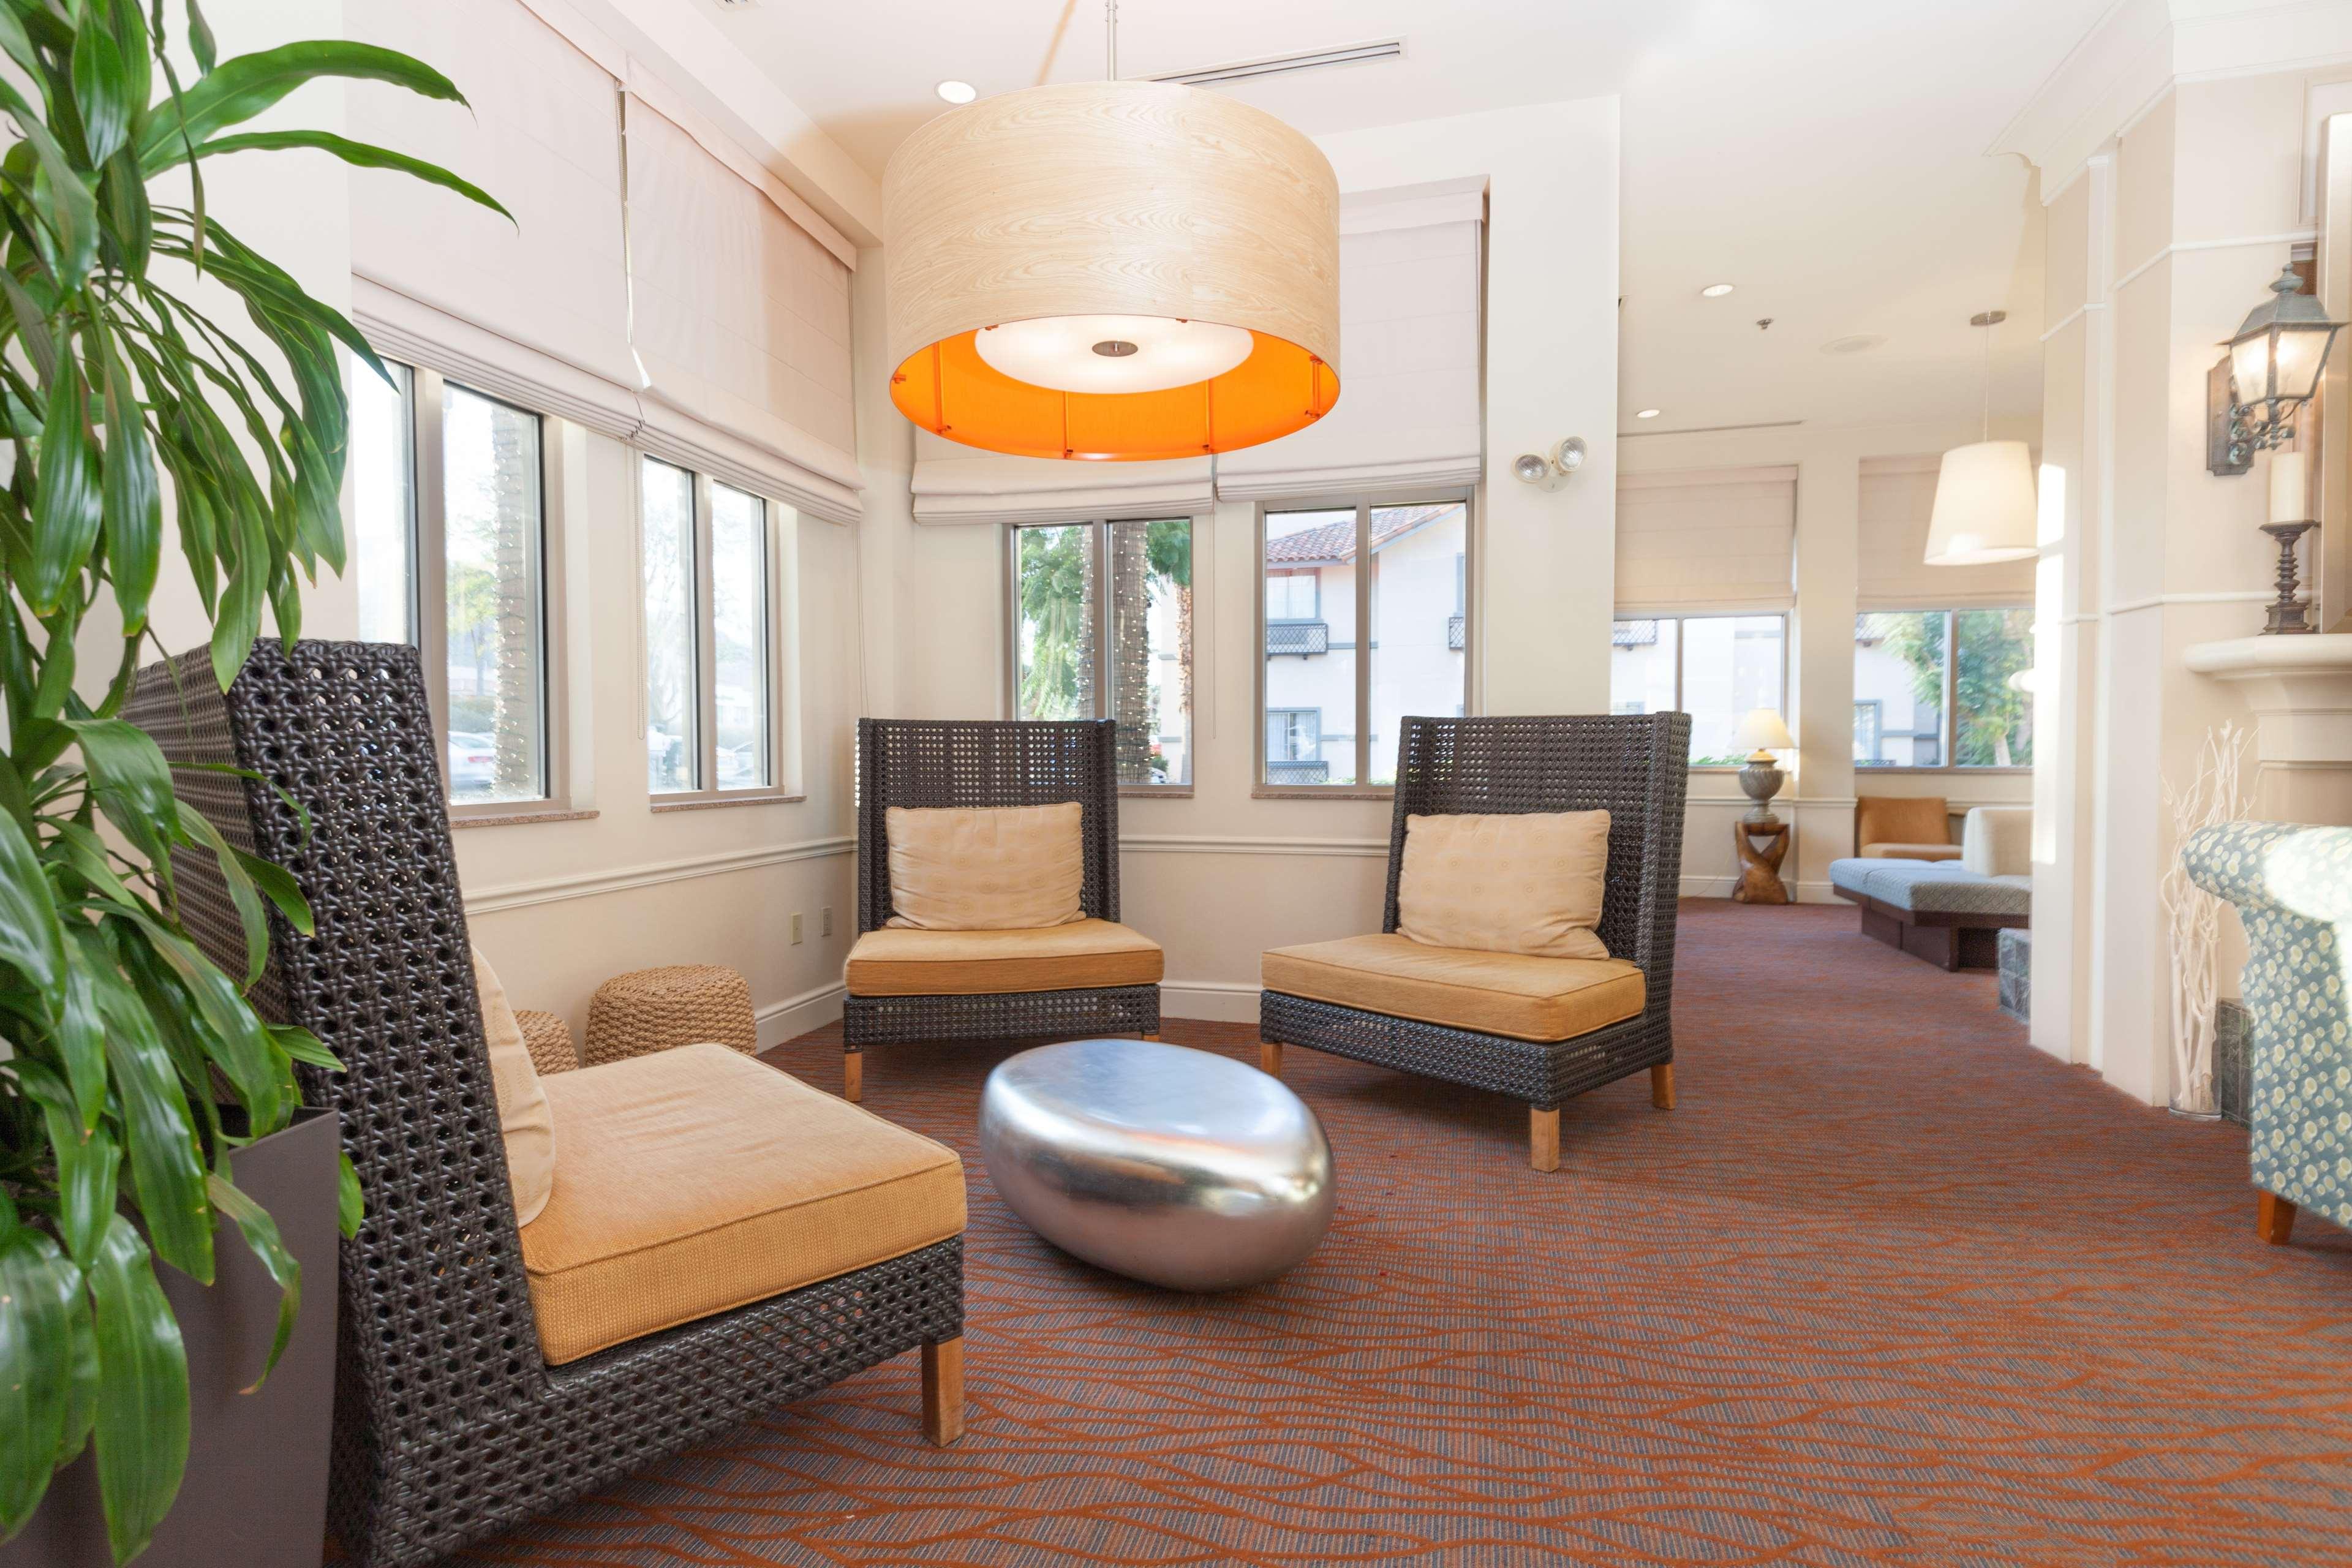 Hilton Garden Inn Palm Springs/Rancho Mirage image 5